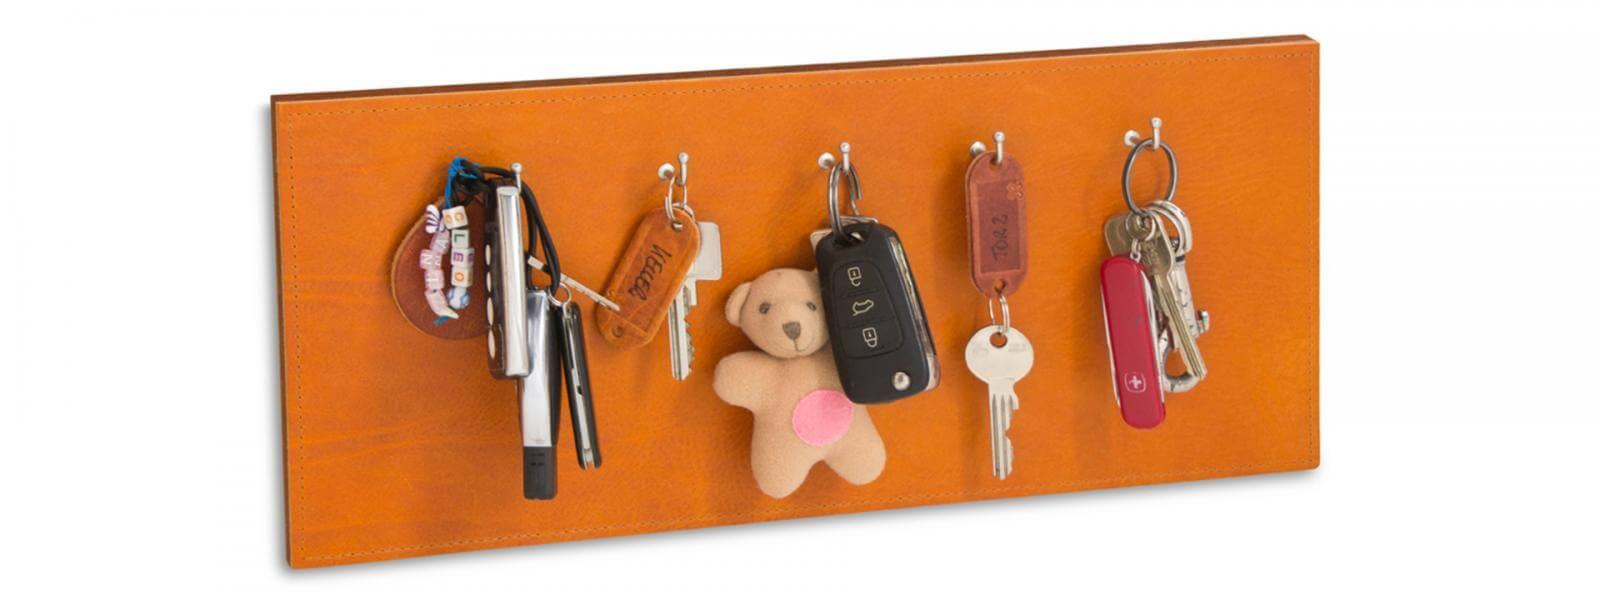 X17-Schlüsselbretter